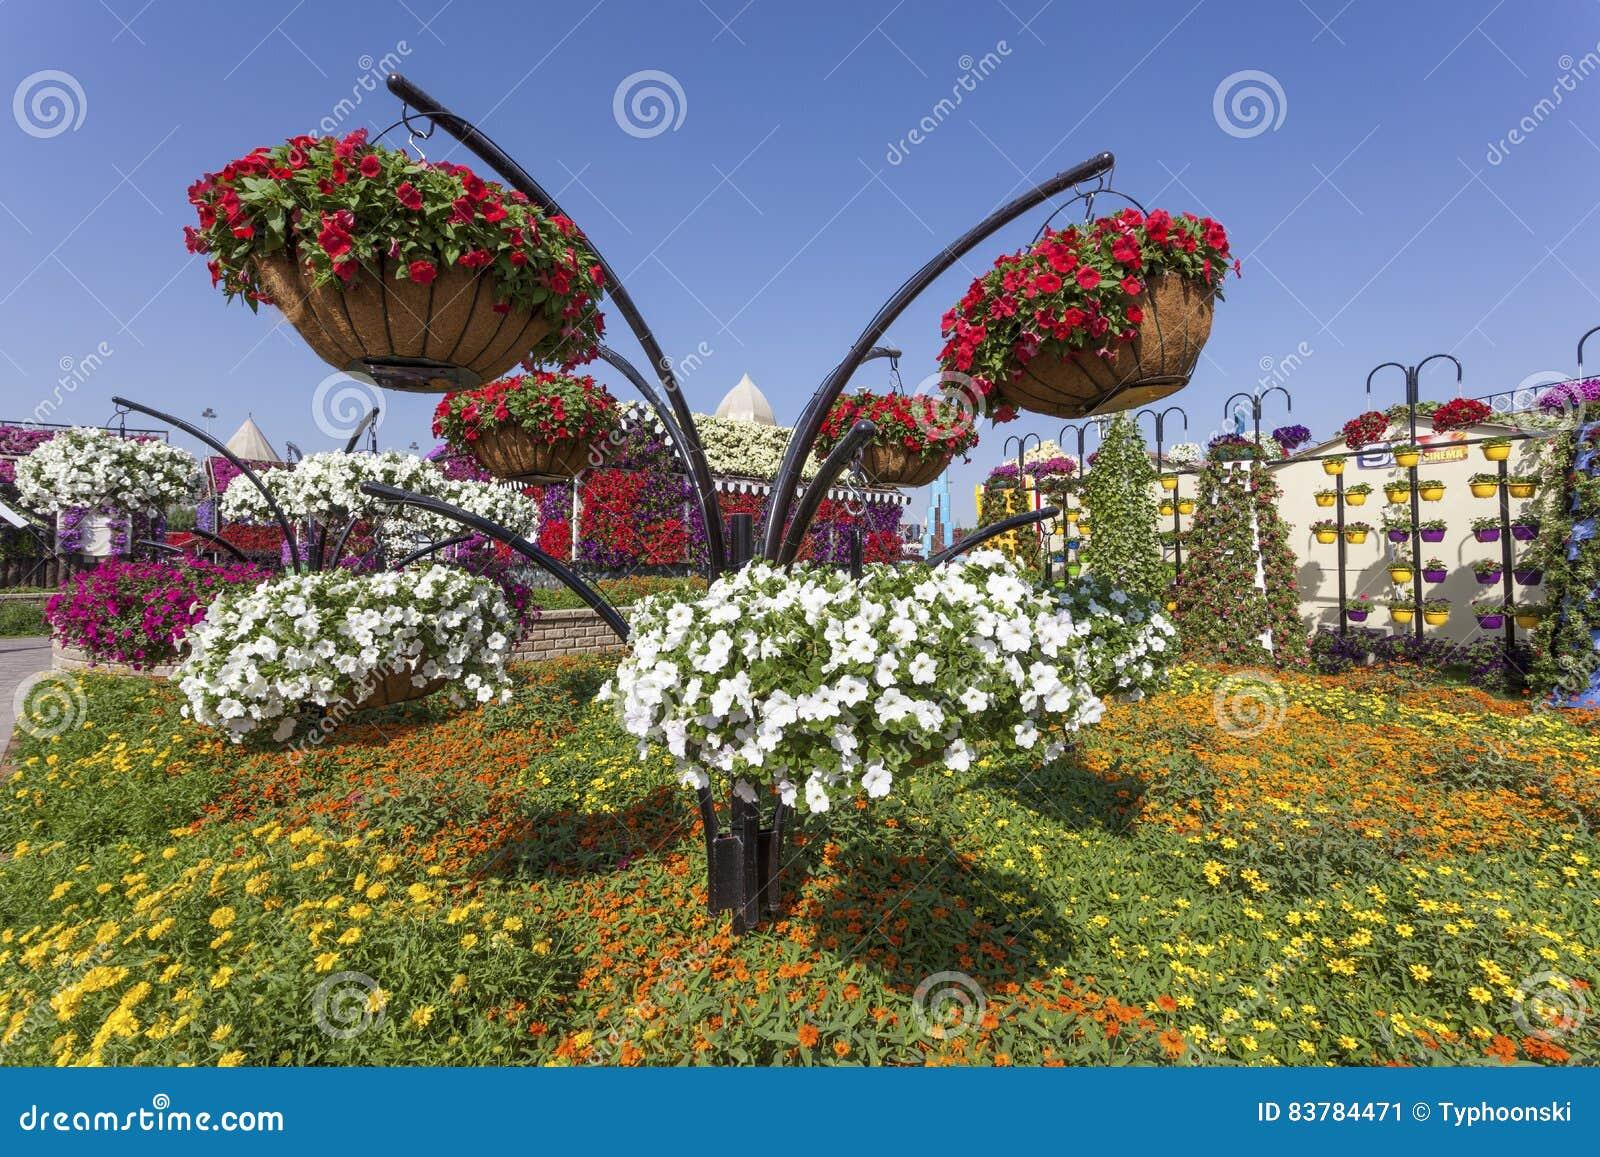 Fleurs au jardin de miracle duba photo ditorial for Fleurs au jardin